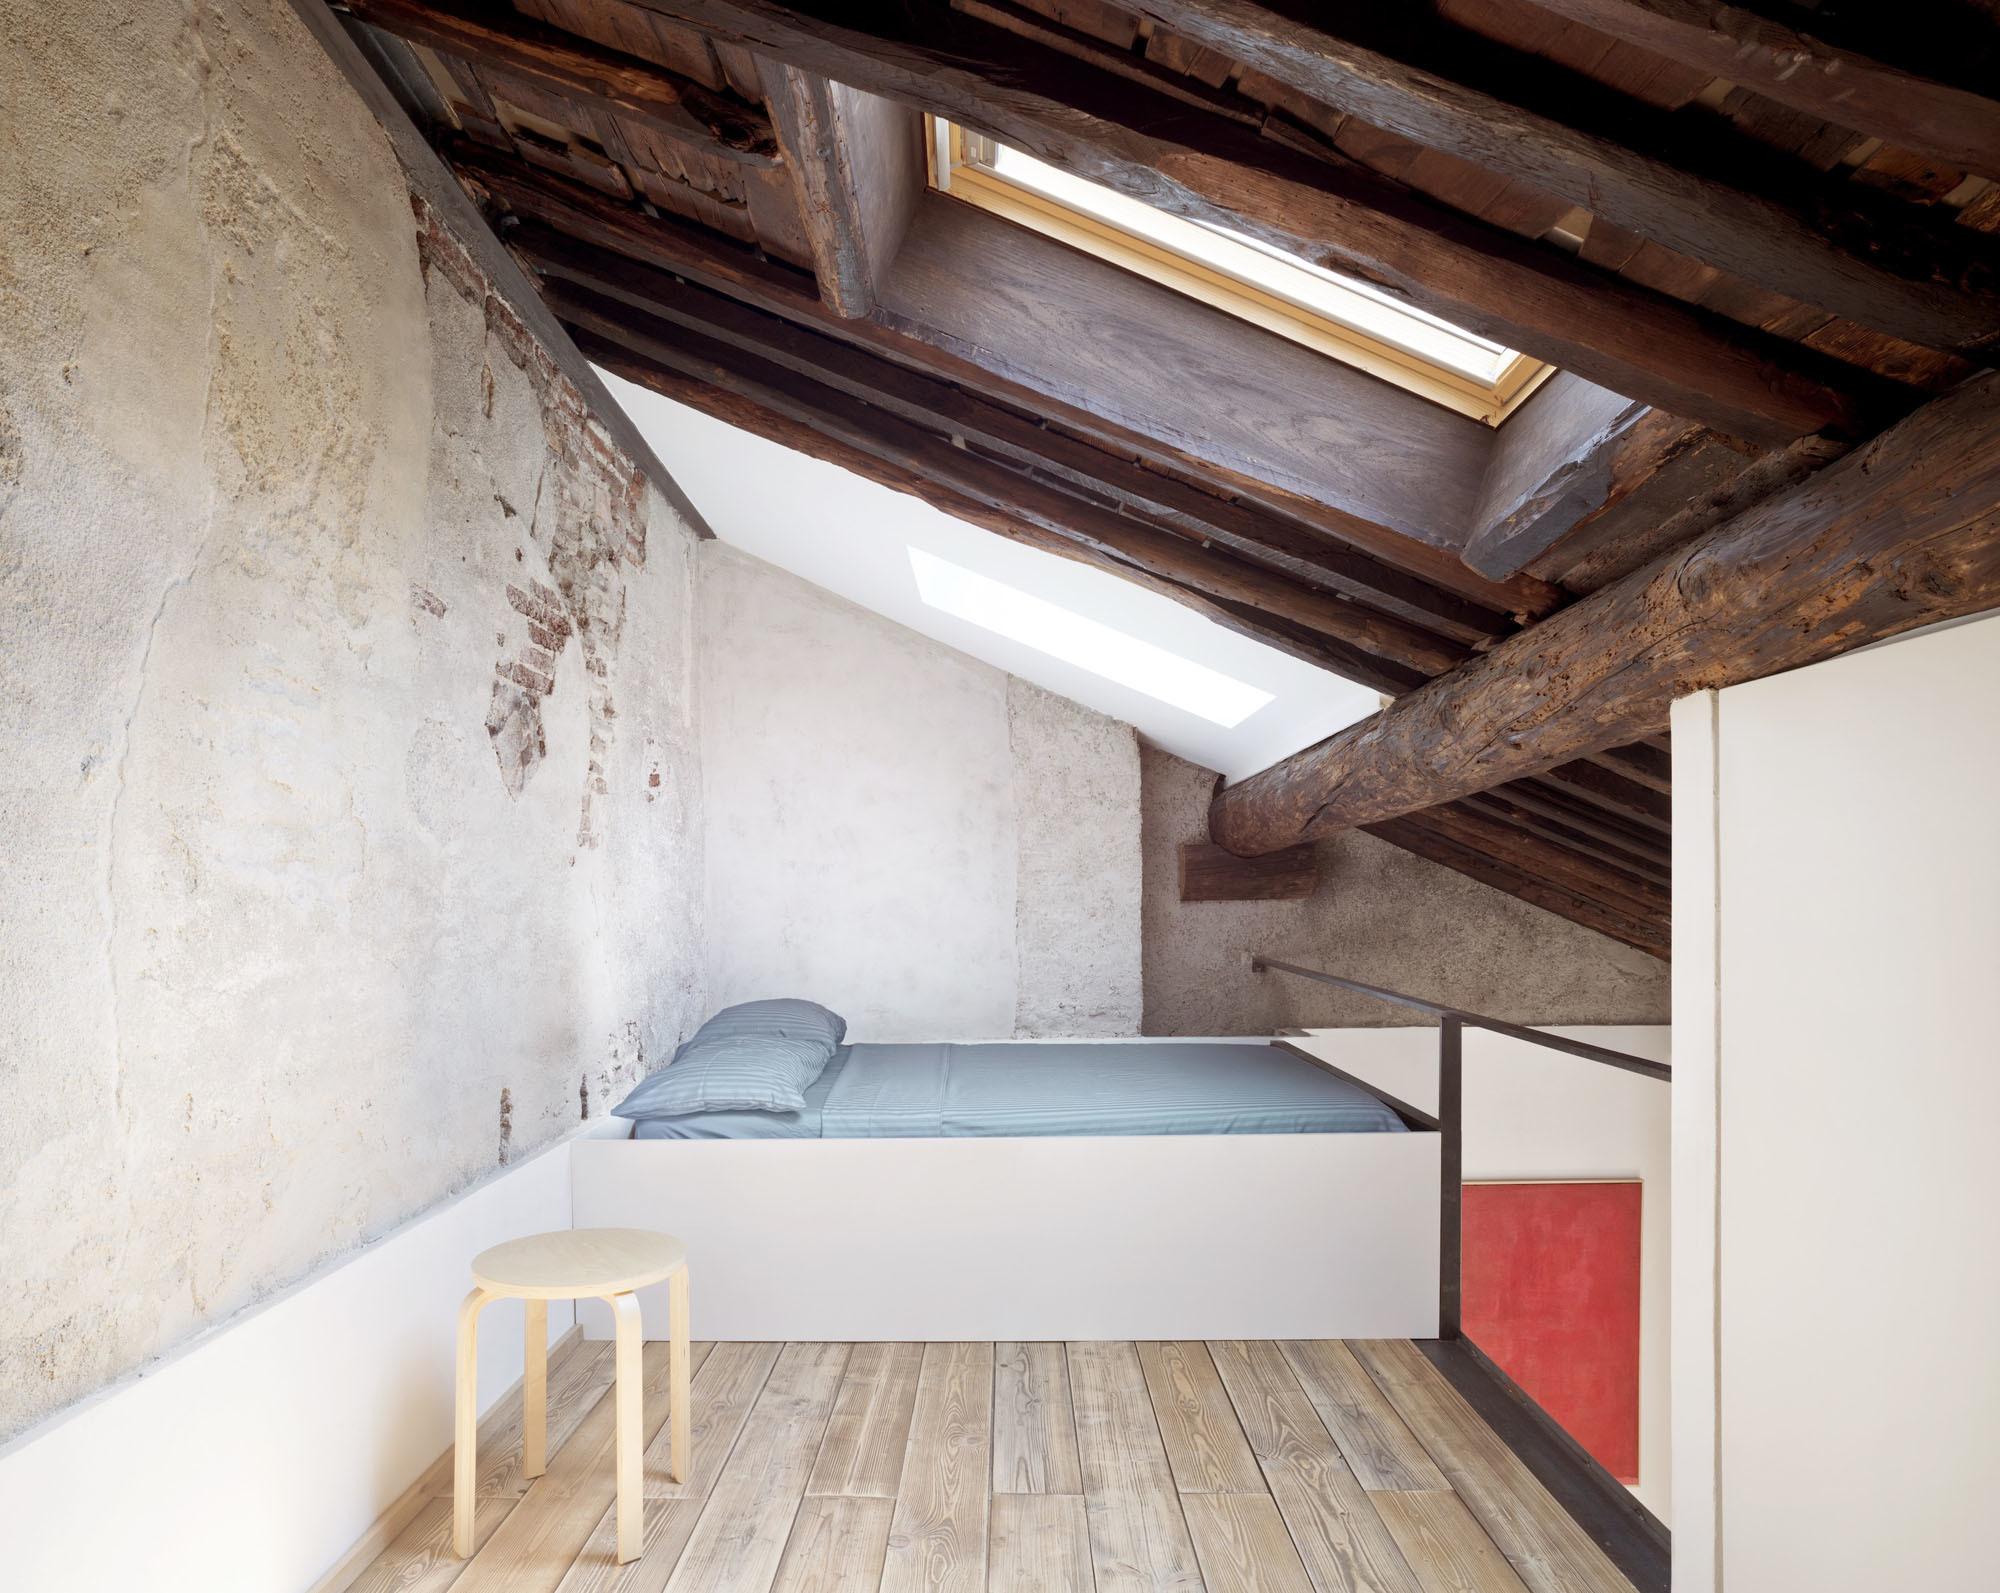 Die Architekten nutzten die Höhe des offenen Dachstuhls, um das Bett auf einer neu hinzugefügten Ebene zu platzieren.